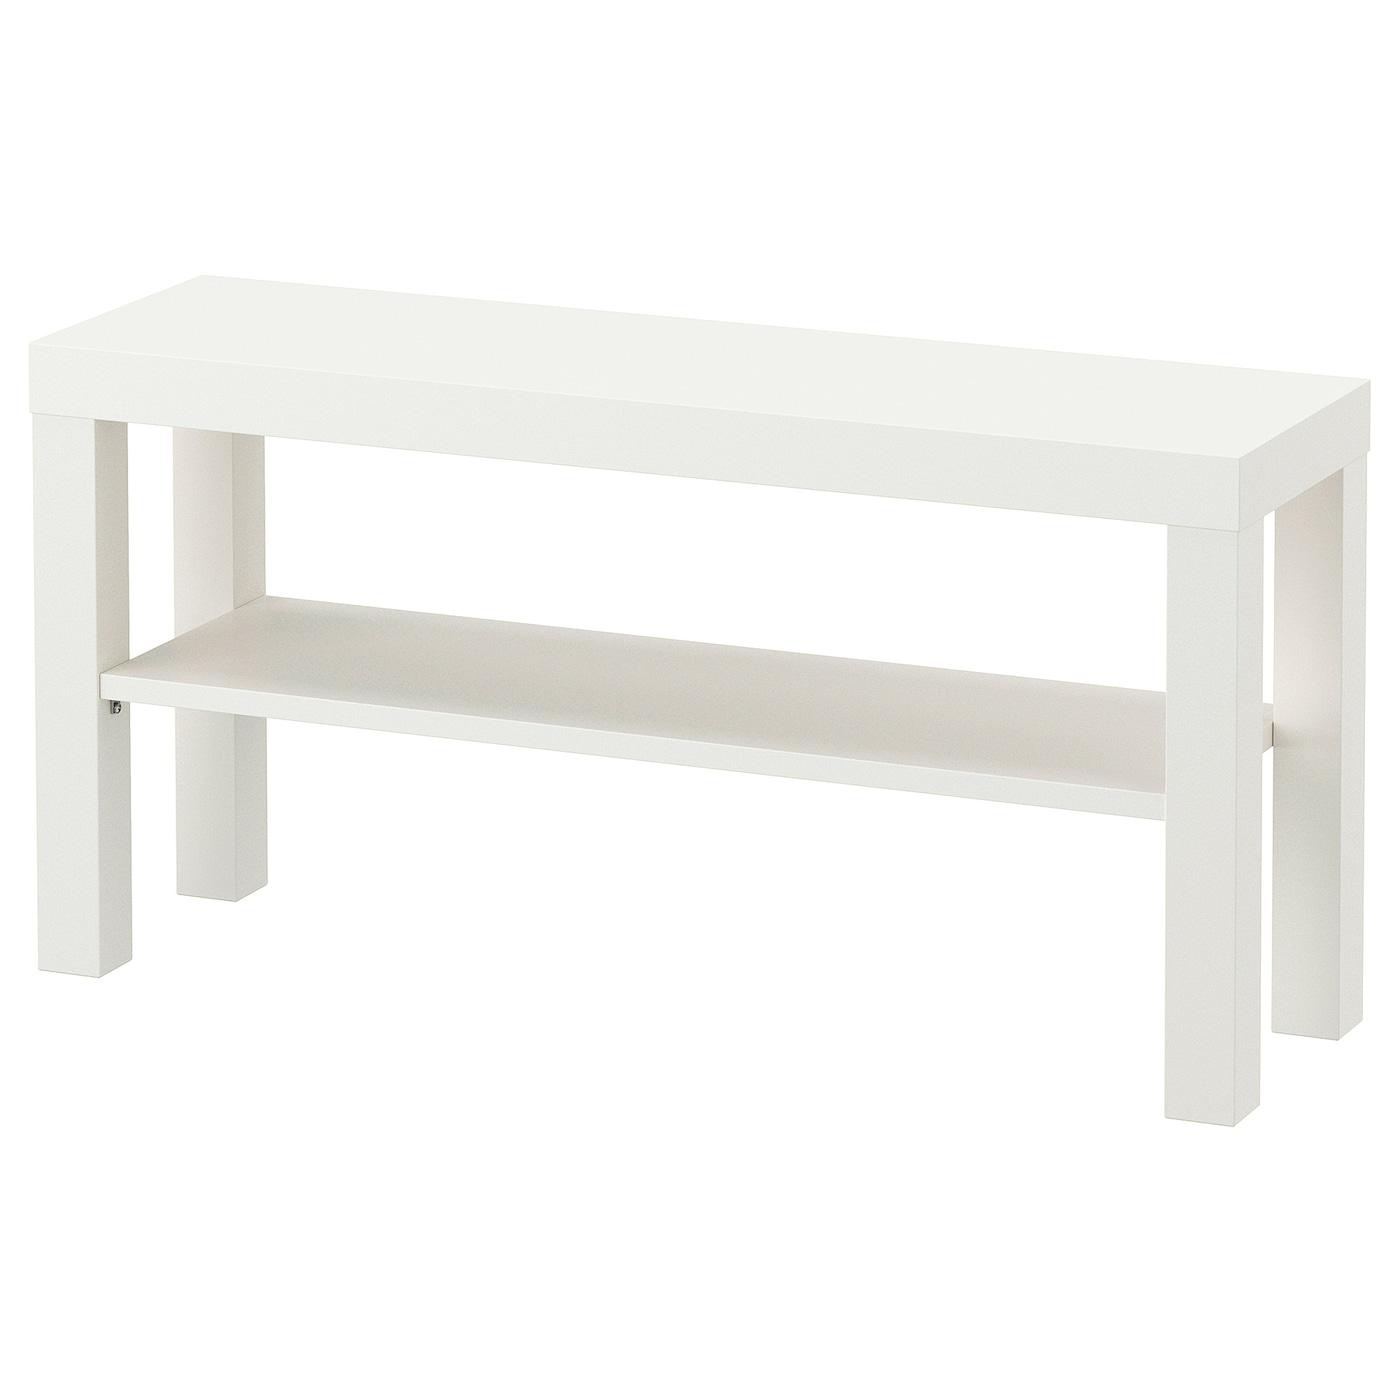 Muebles de TV y Muebles para el Salón | Compra Online IKEA - photo#5